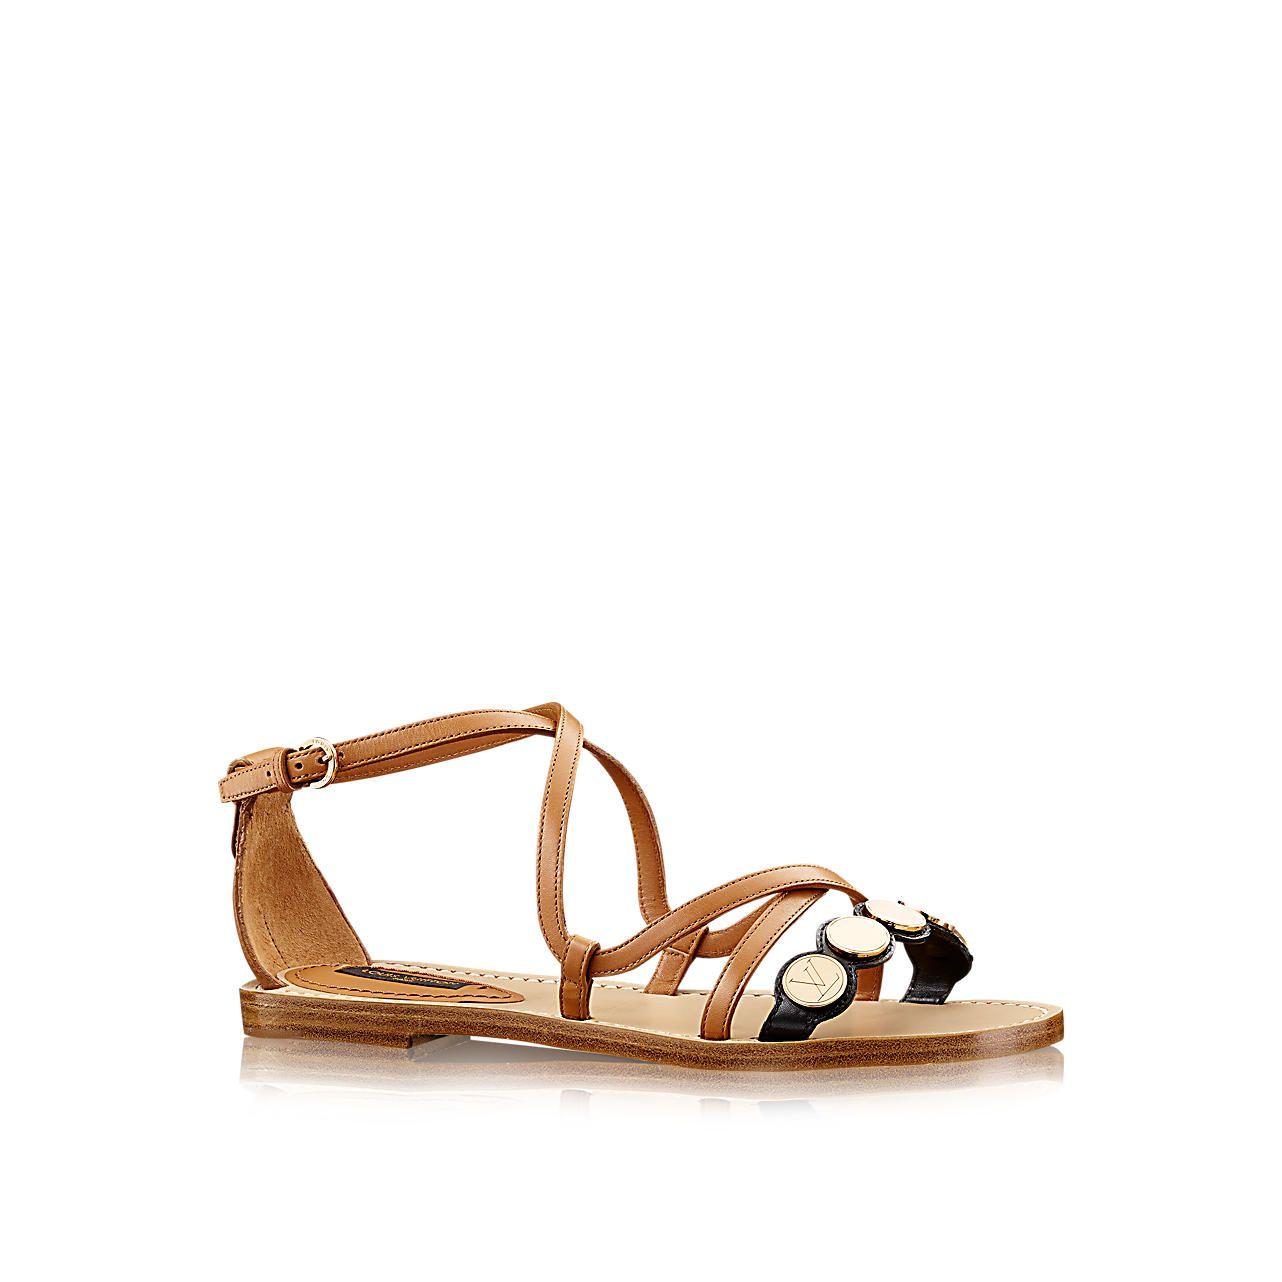 251ceddec67c6 Discover Louis Vuitton South Beach Sandal  A perfect choice for summer